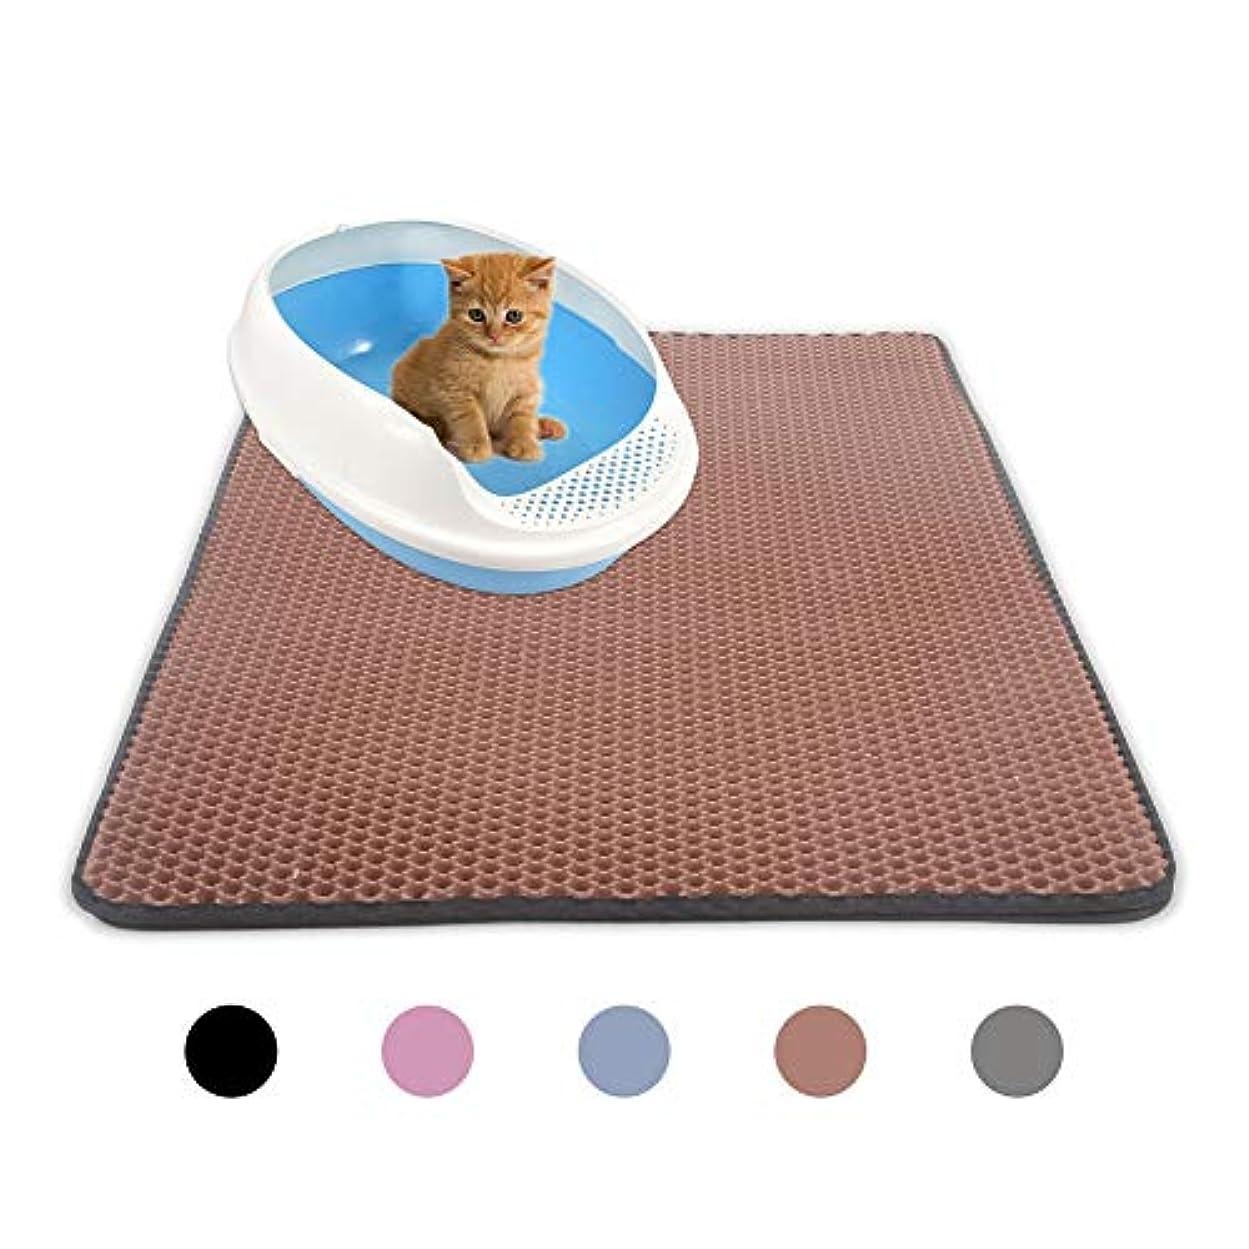 インストラクターゴージャス生じるKicat® 猫用トイレのパッド2層防水猫用トイレのマットペットフットマッサージパッド (XL: 55*75 cm, 004:ブラウン)